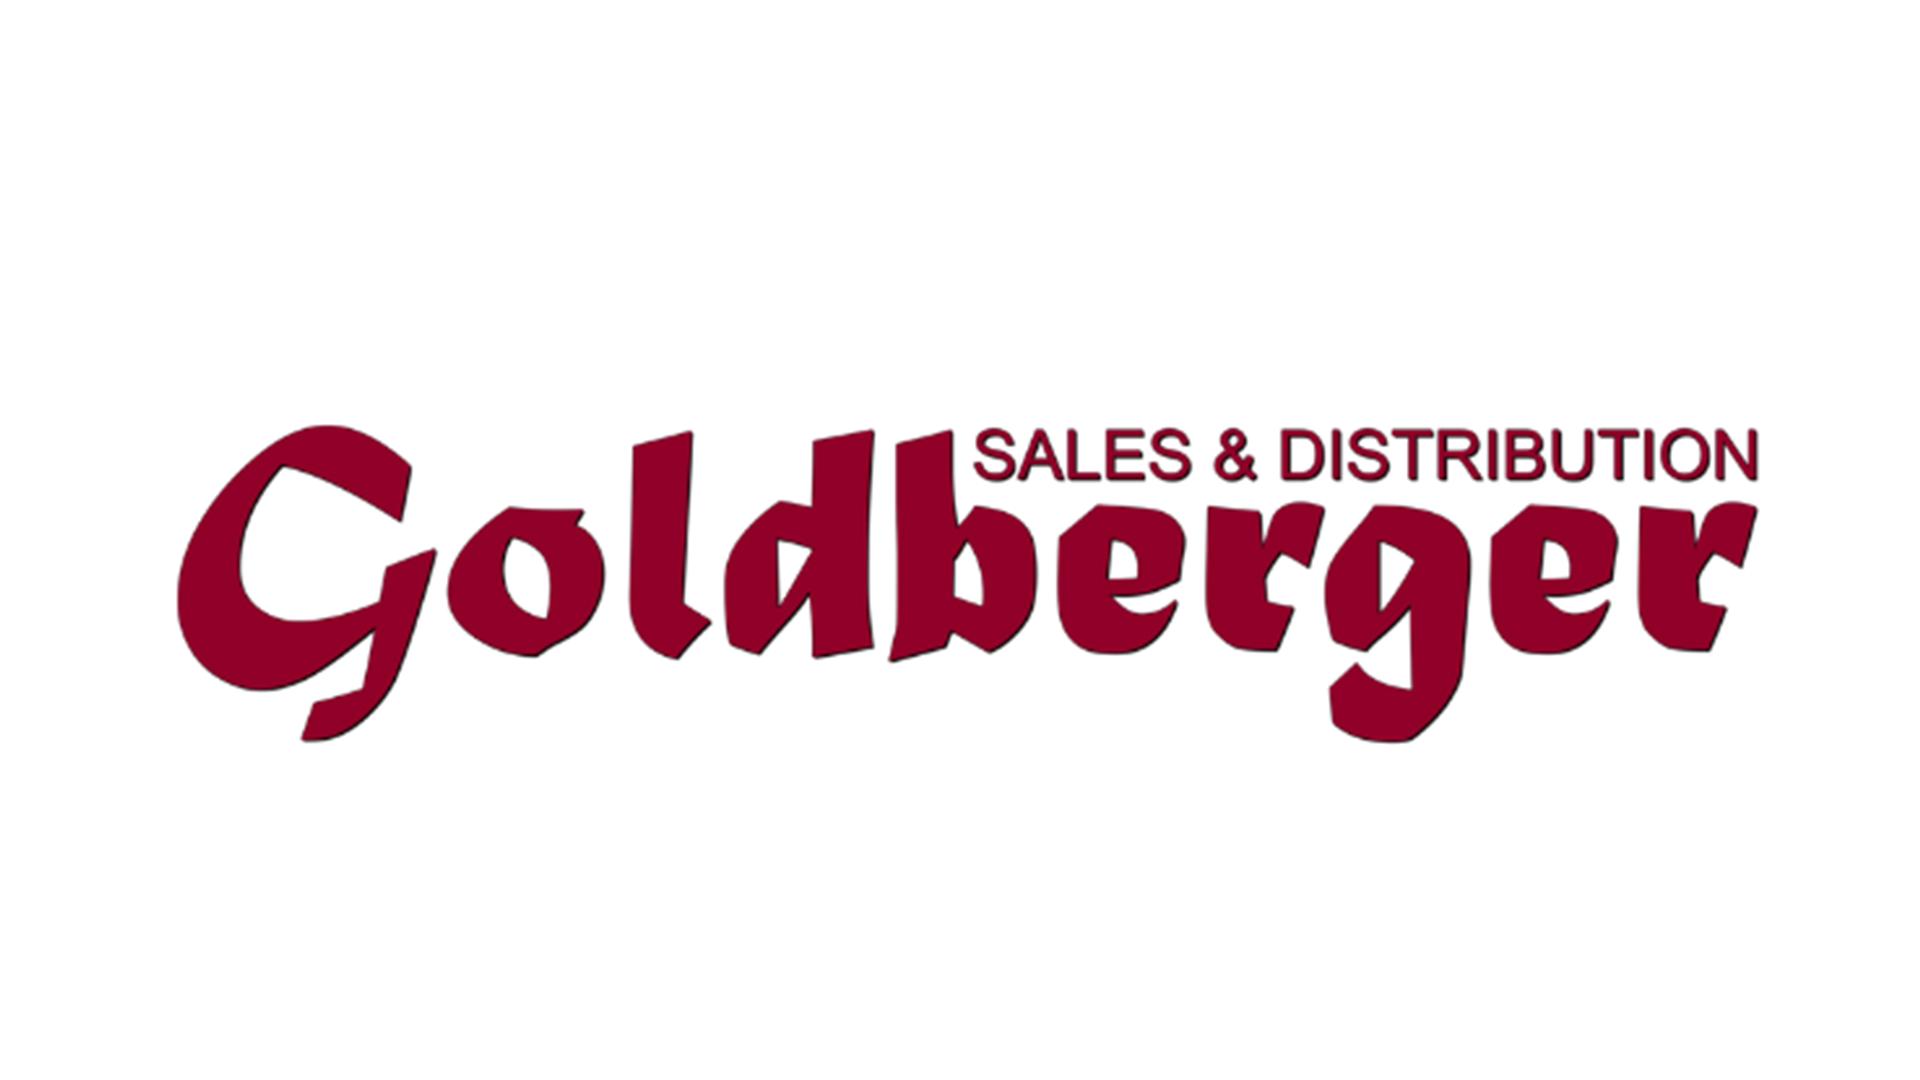 Goldberger logo Mullfest Pärnu mullitab